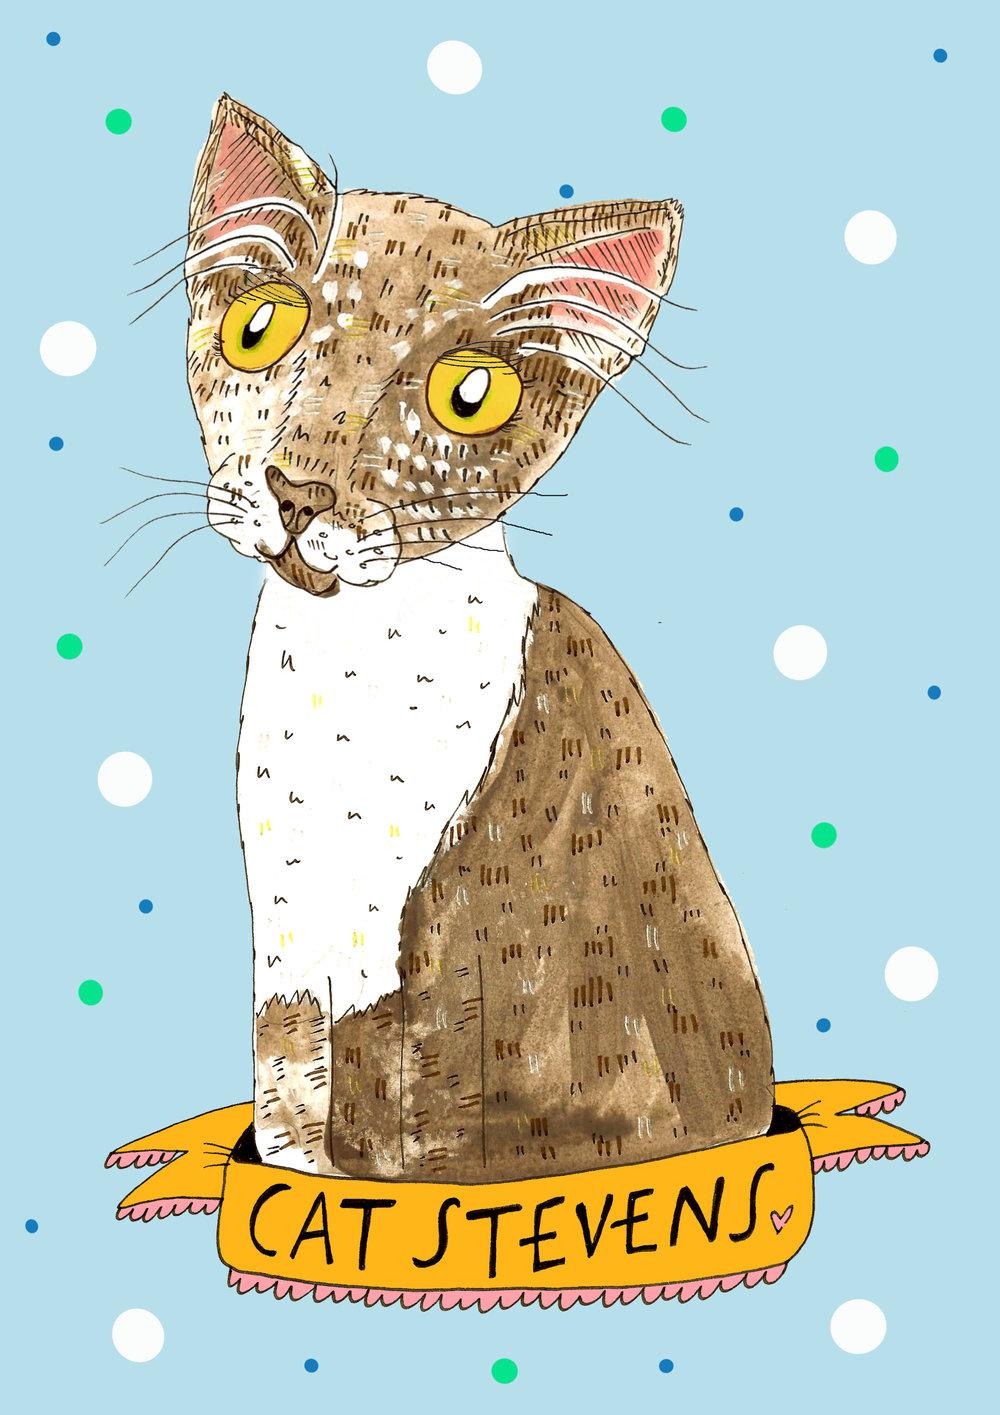 Cat Stevens EDIT.jpg